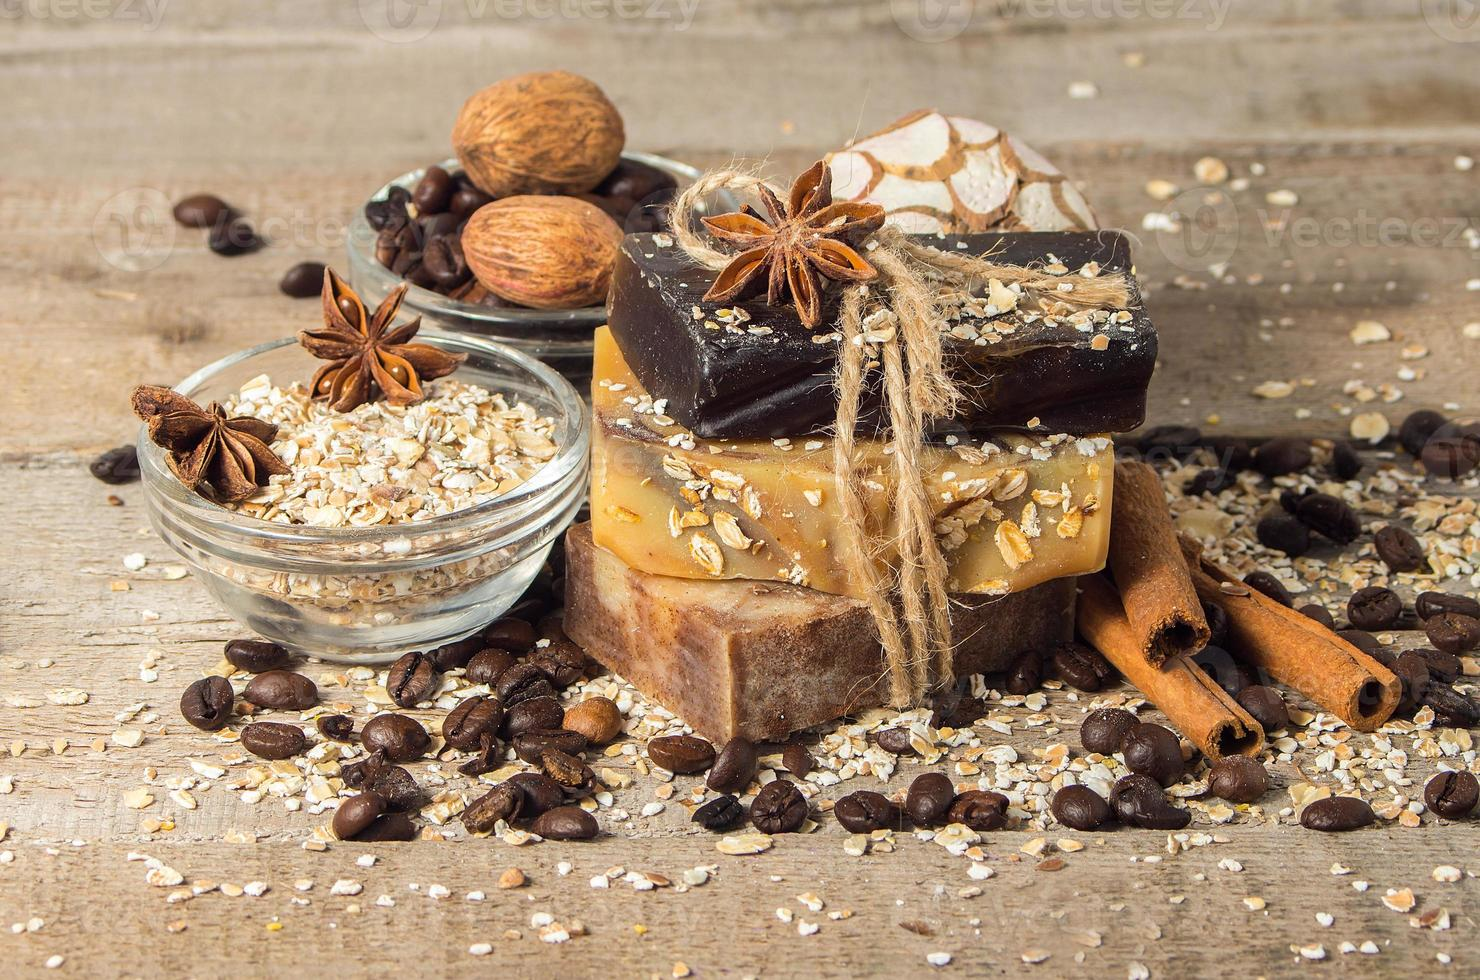 savon artisanal aux grains de café et aux épices photo